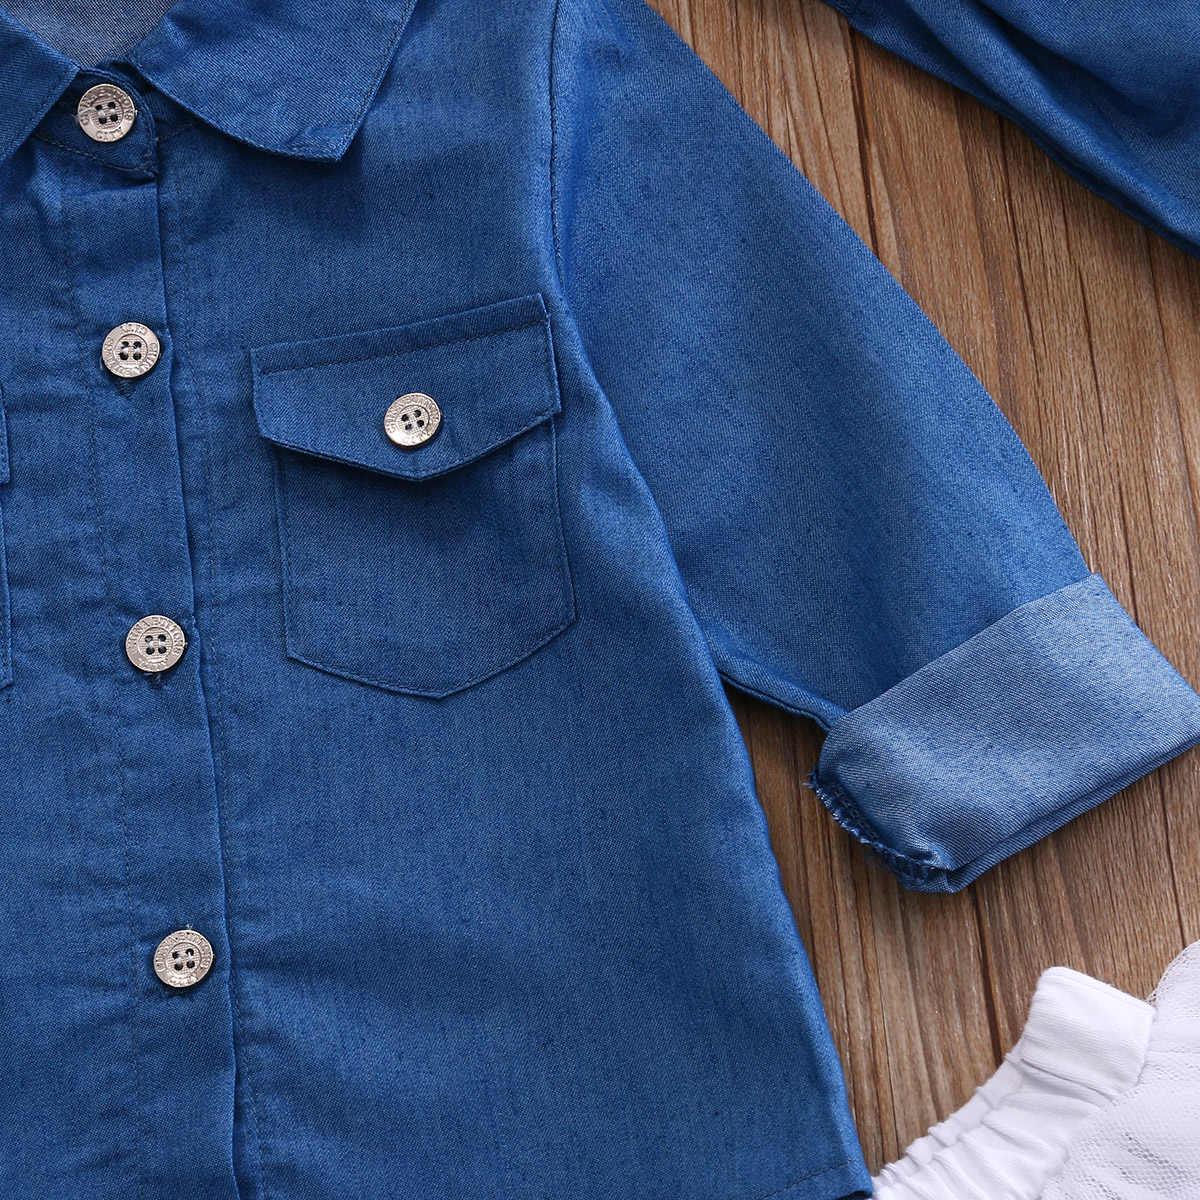 3 قطعة طفل الاطفال طفلة الملابس مجموعة الدنيم القمم تي شيرت توتو تنورة عقال وتتسابق الصيف كاوبوي دعوى الأطفال مجموعة 0-5Y